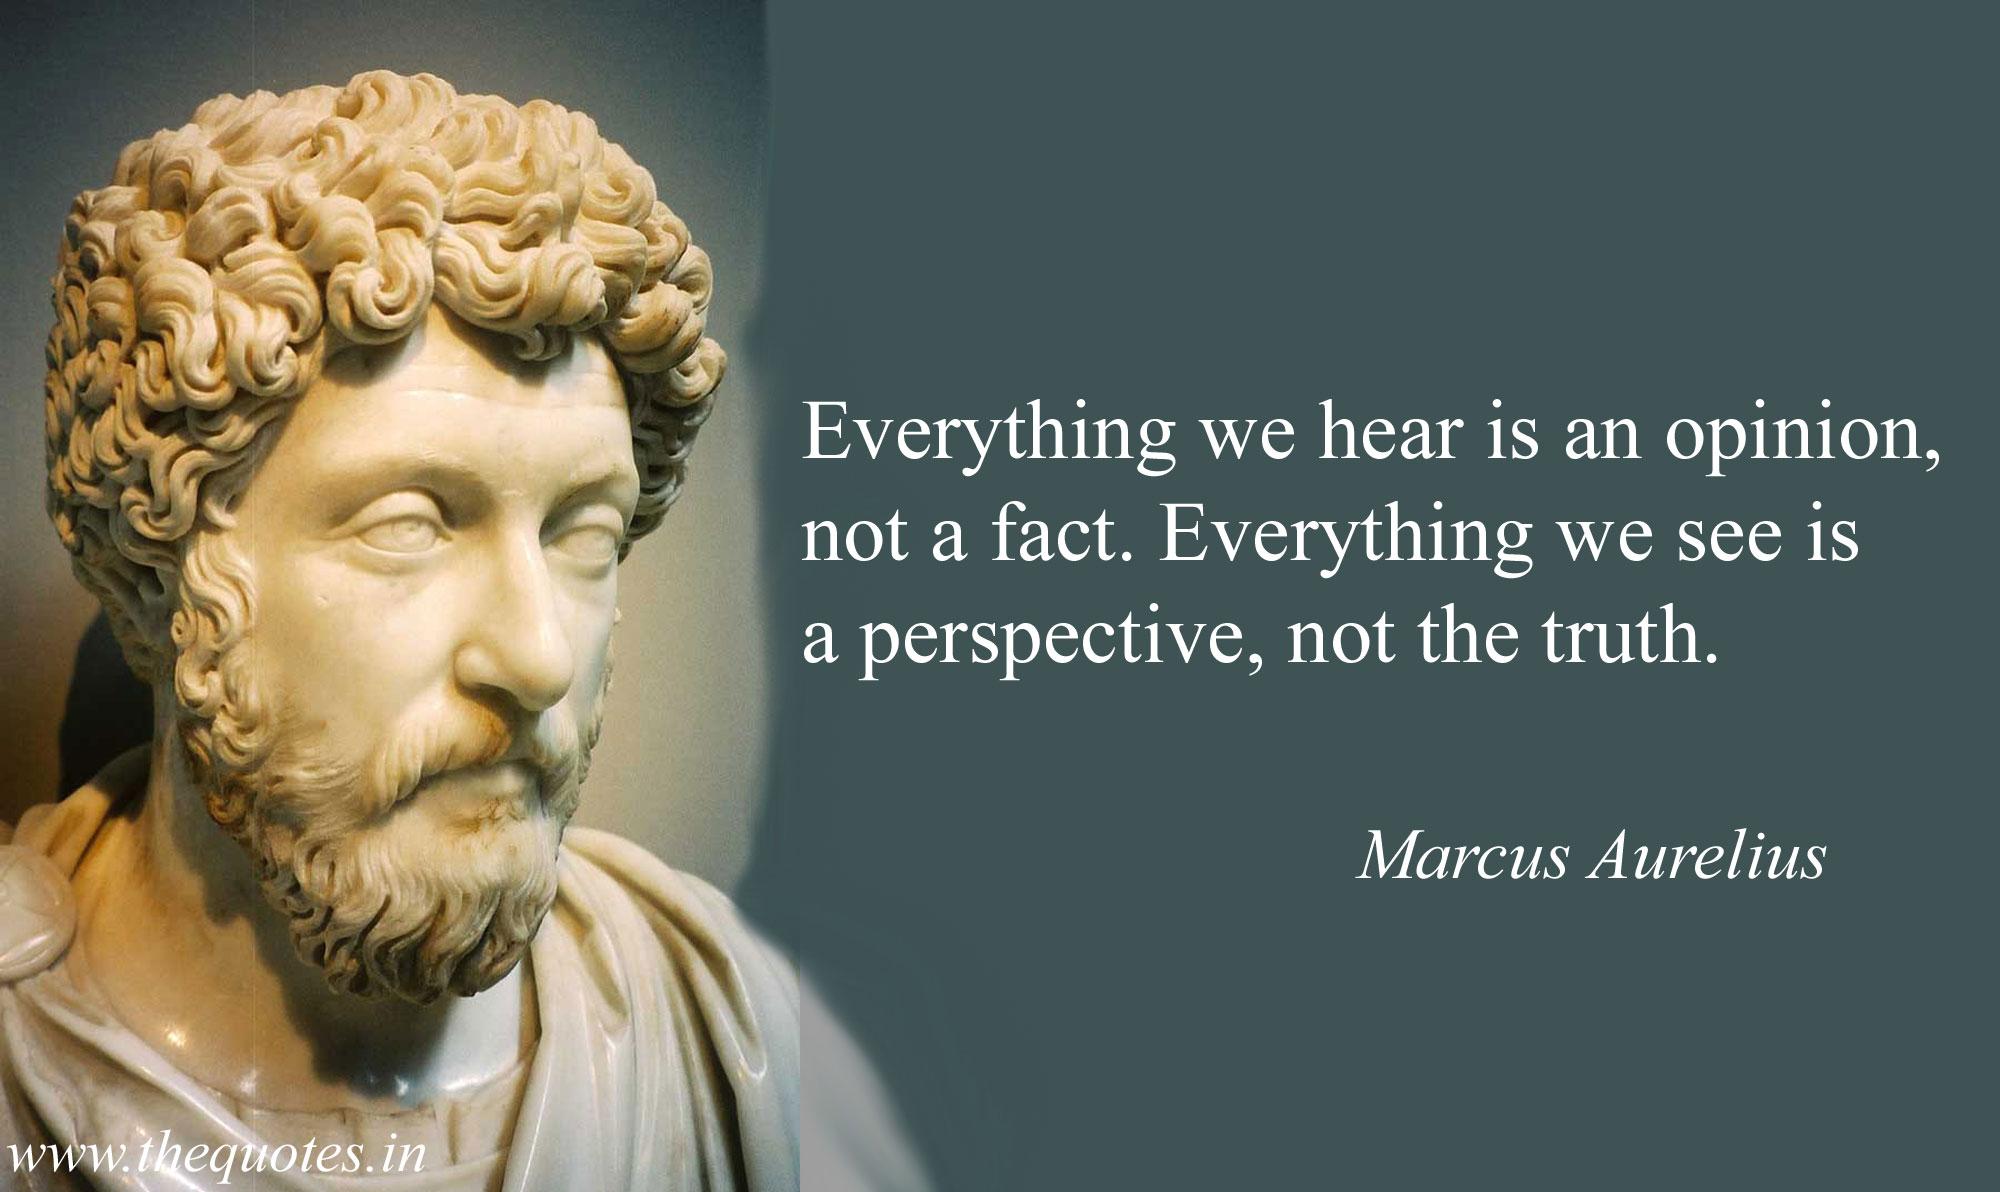 marcus-aurelius-quotes-3